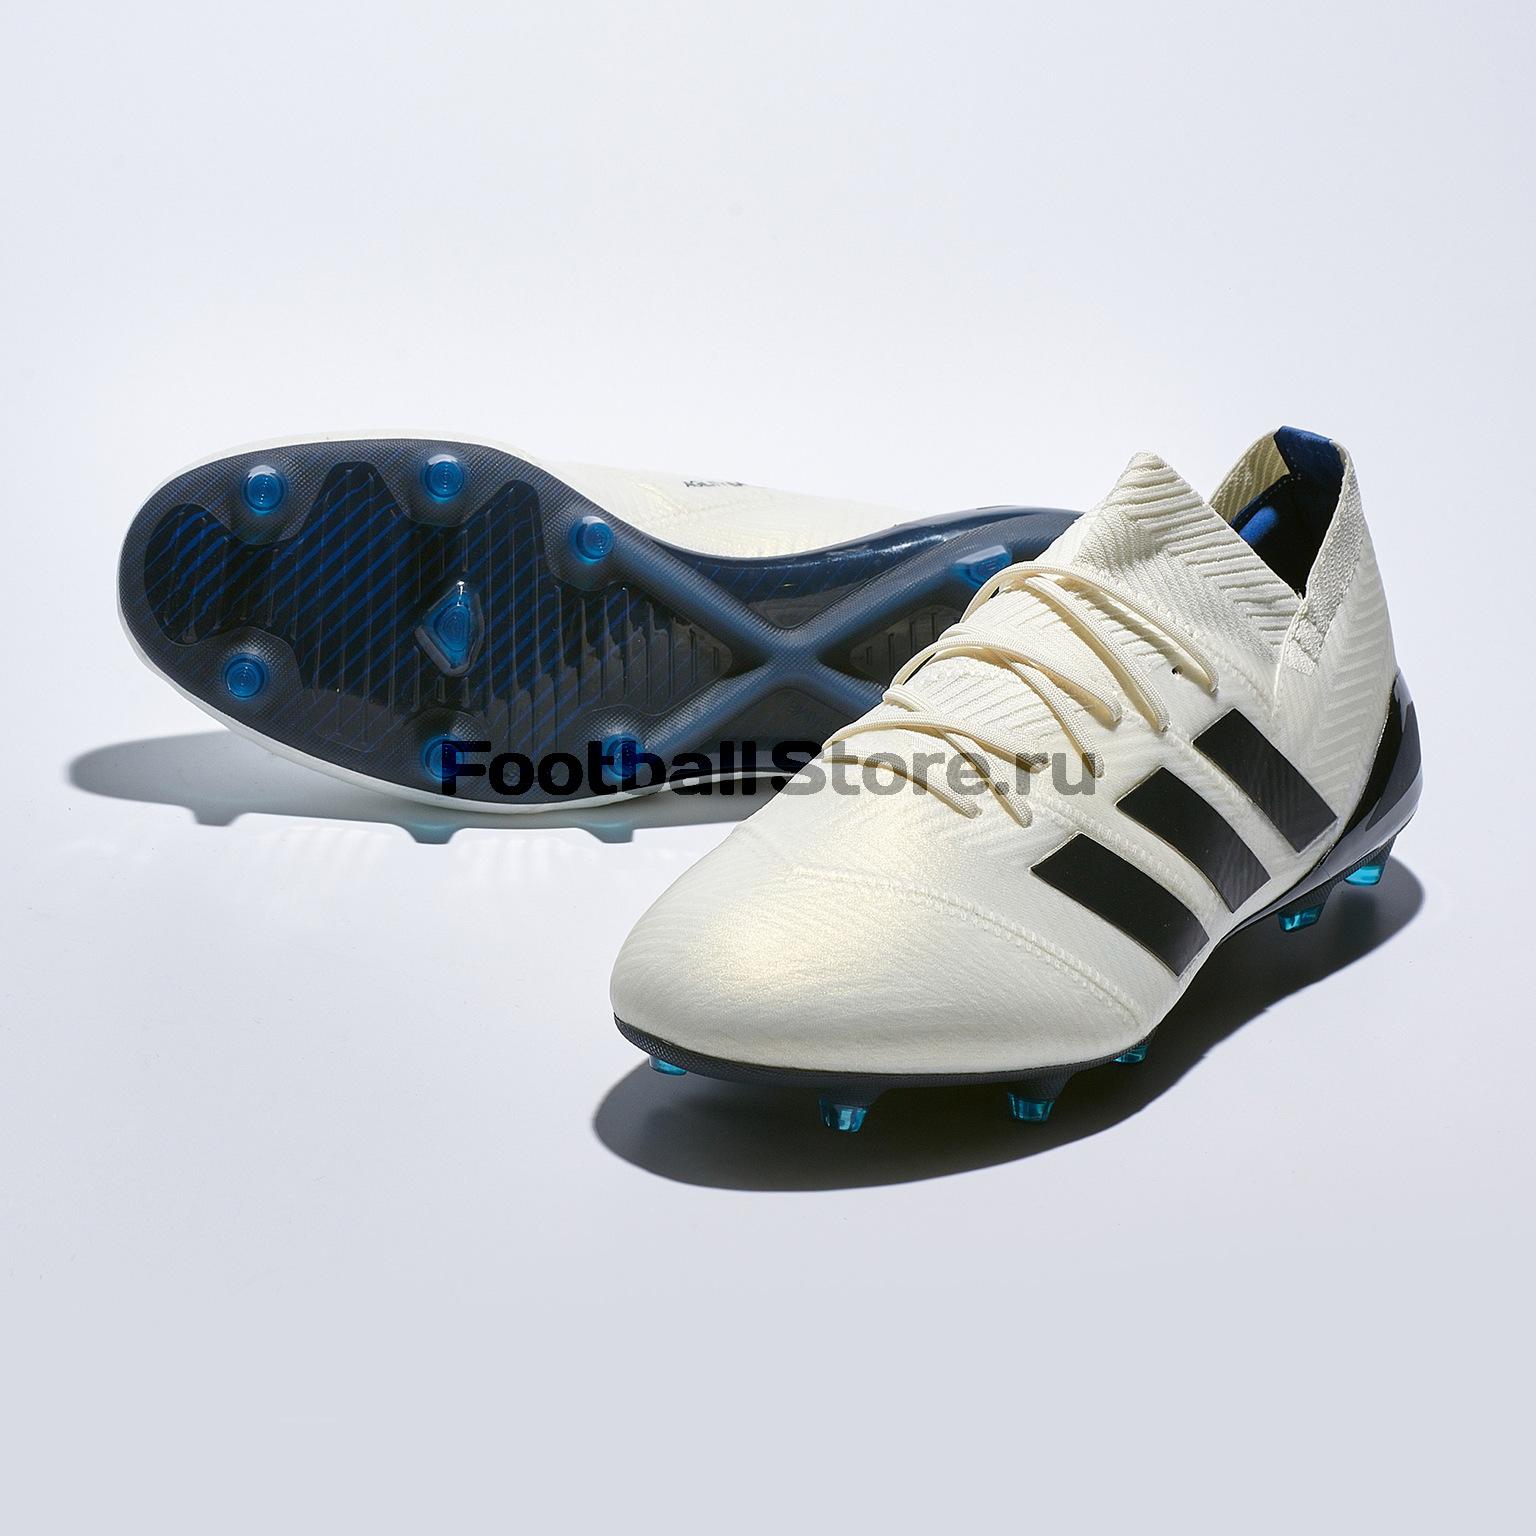 9ede9076 Бутсы Adidas Nemeziz 18.1 FG CG6440 – купить бутсы в интернет ...